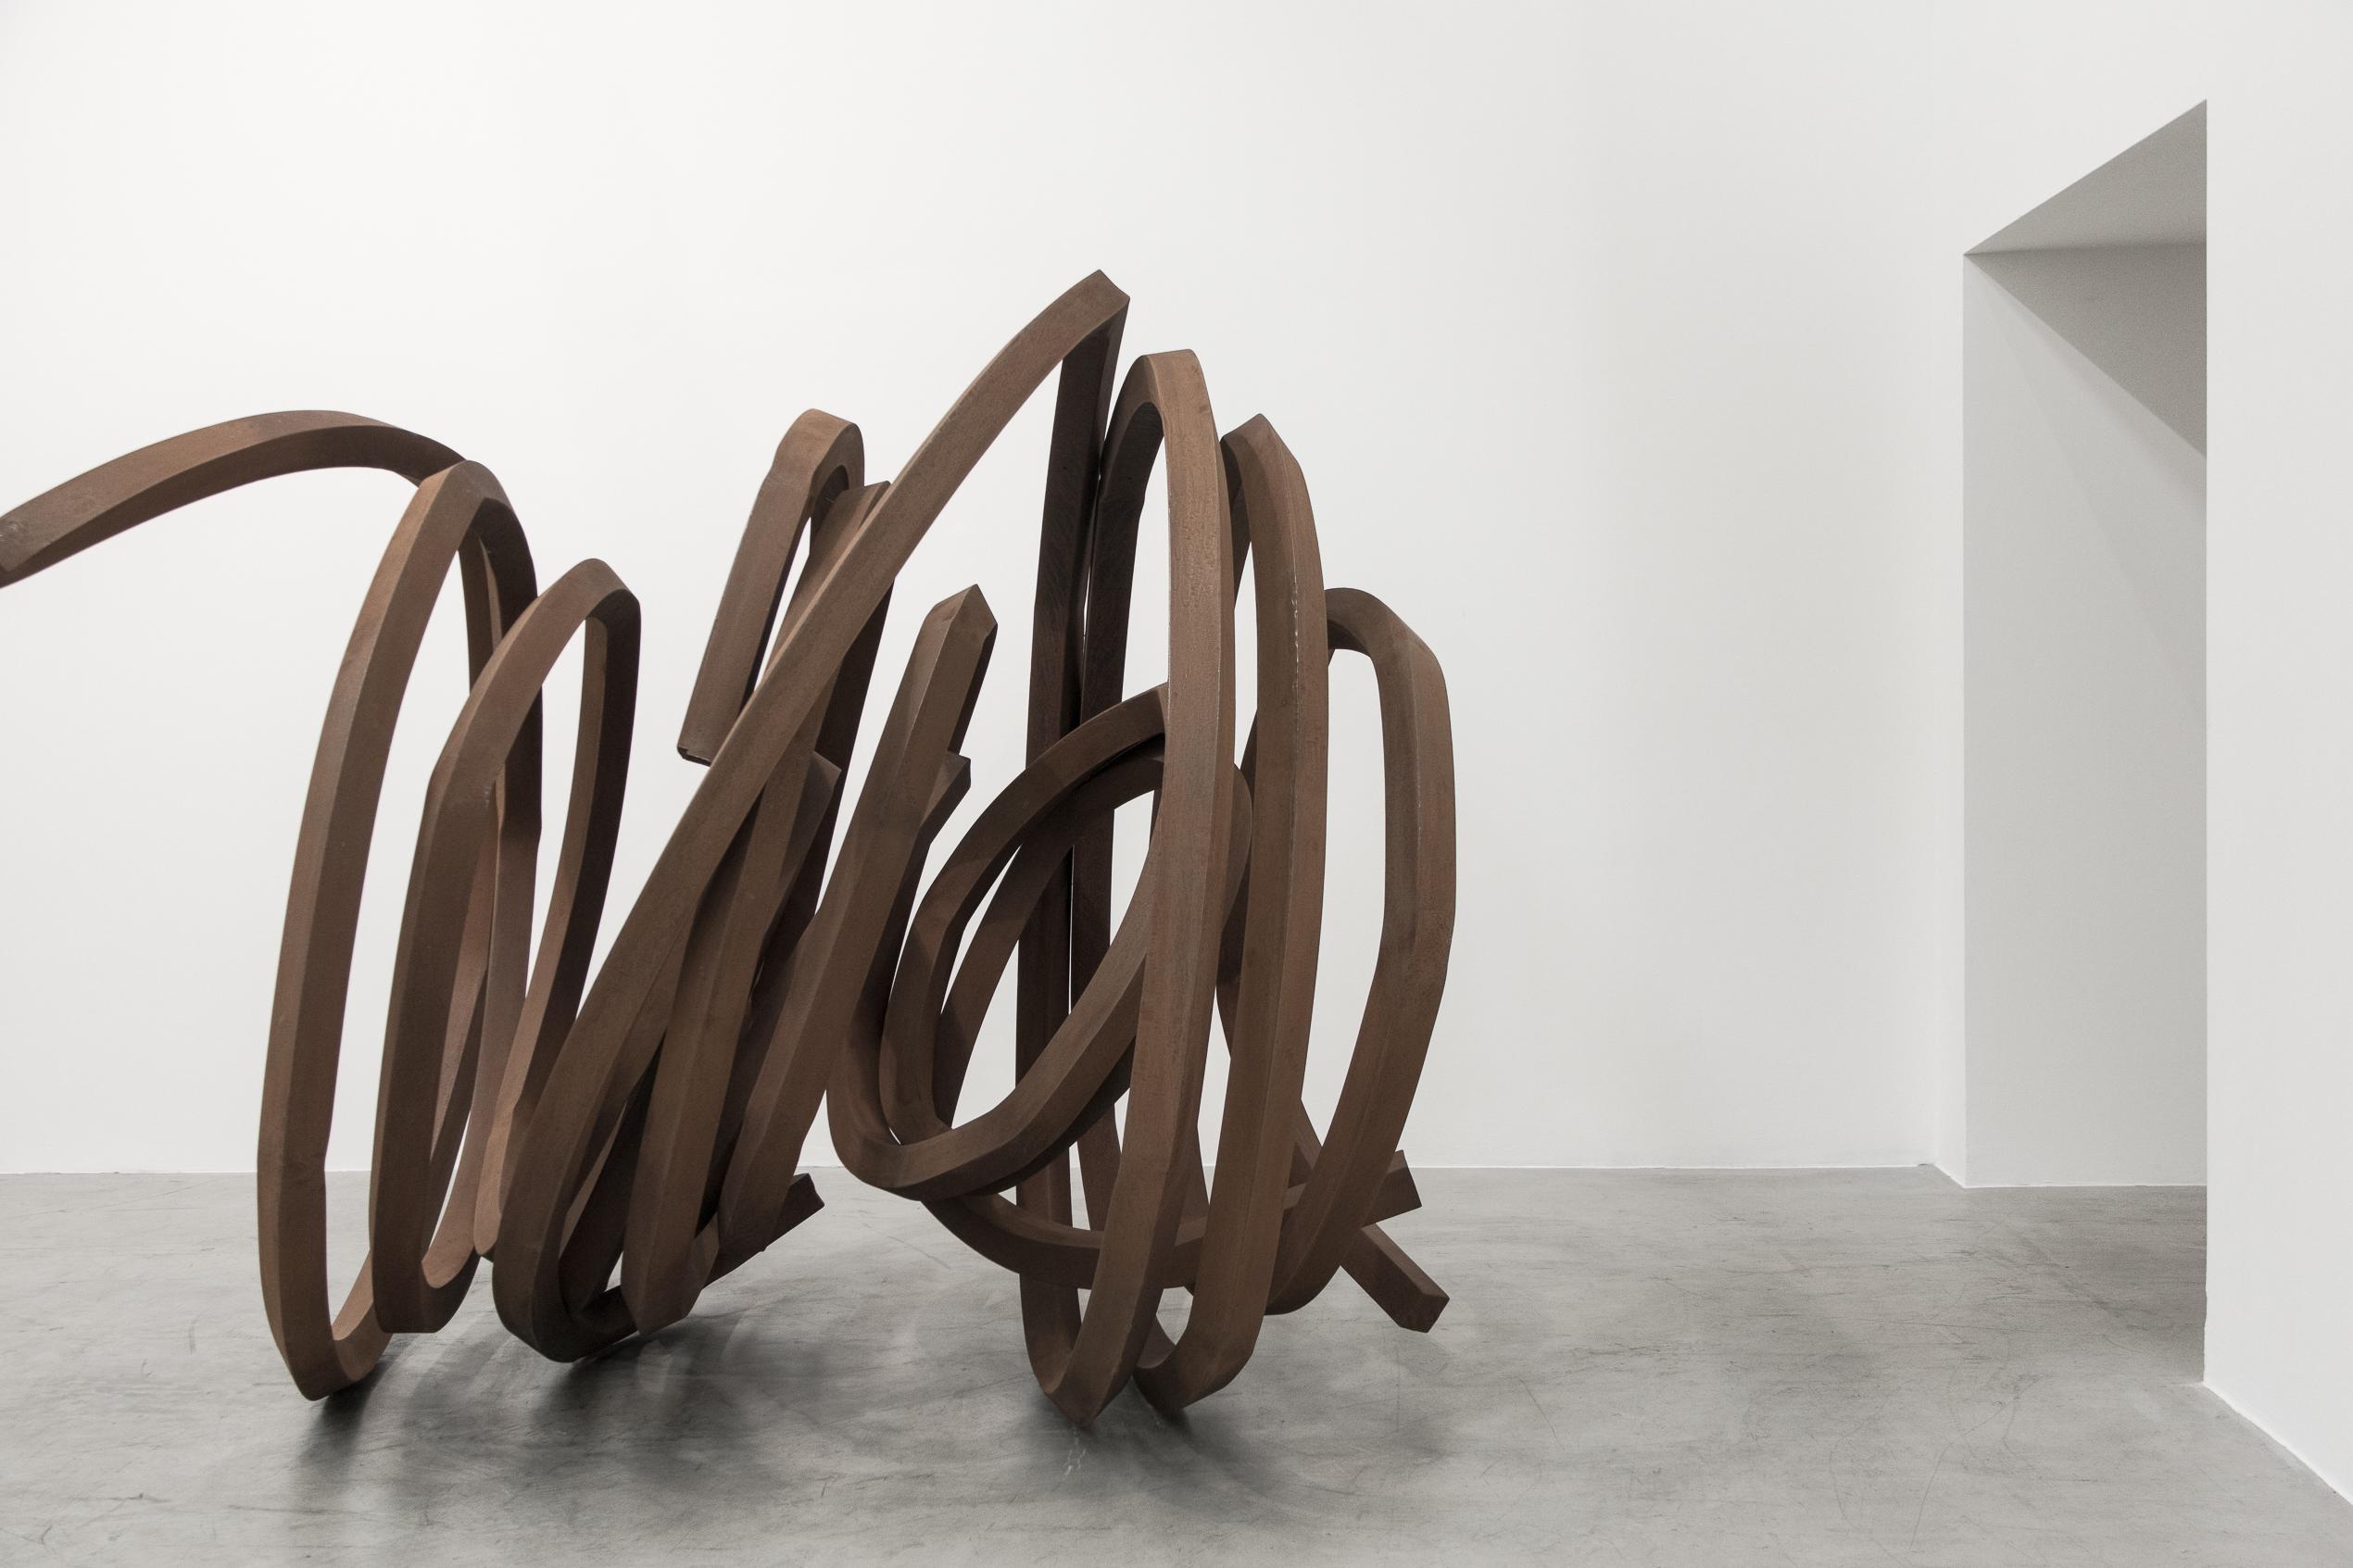 Gallery Week Berlin 2019 – Blain Southern Berlin